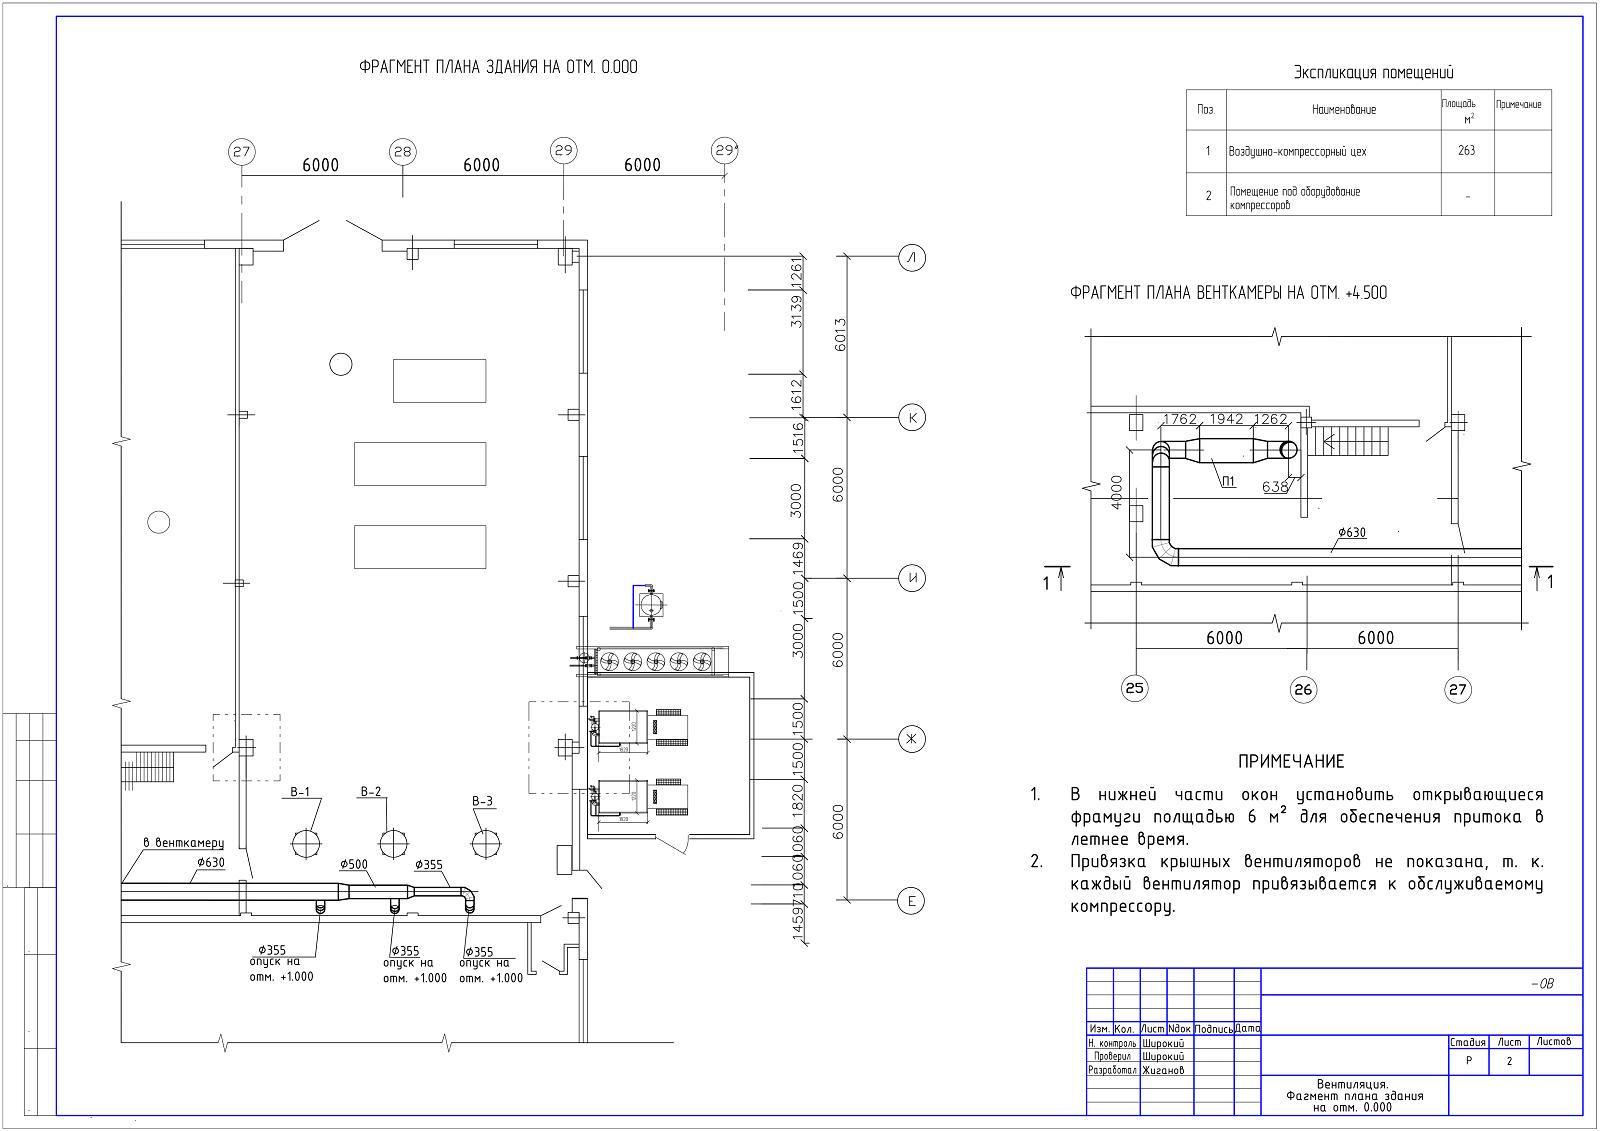 Проектирование систем отопления и вентиляции